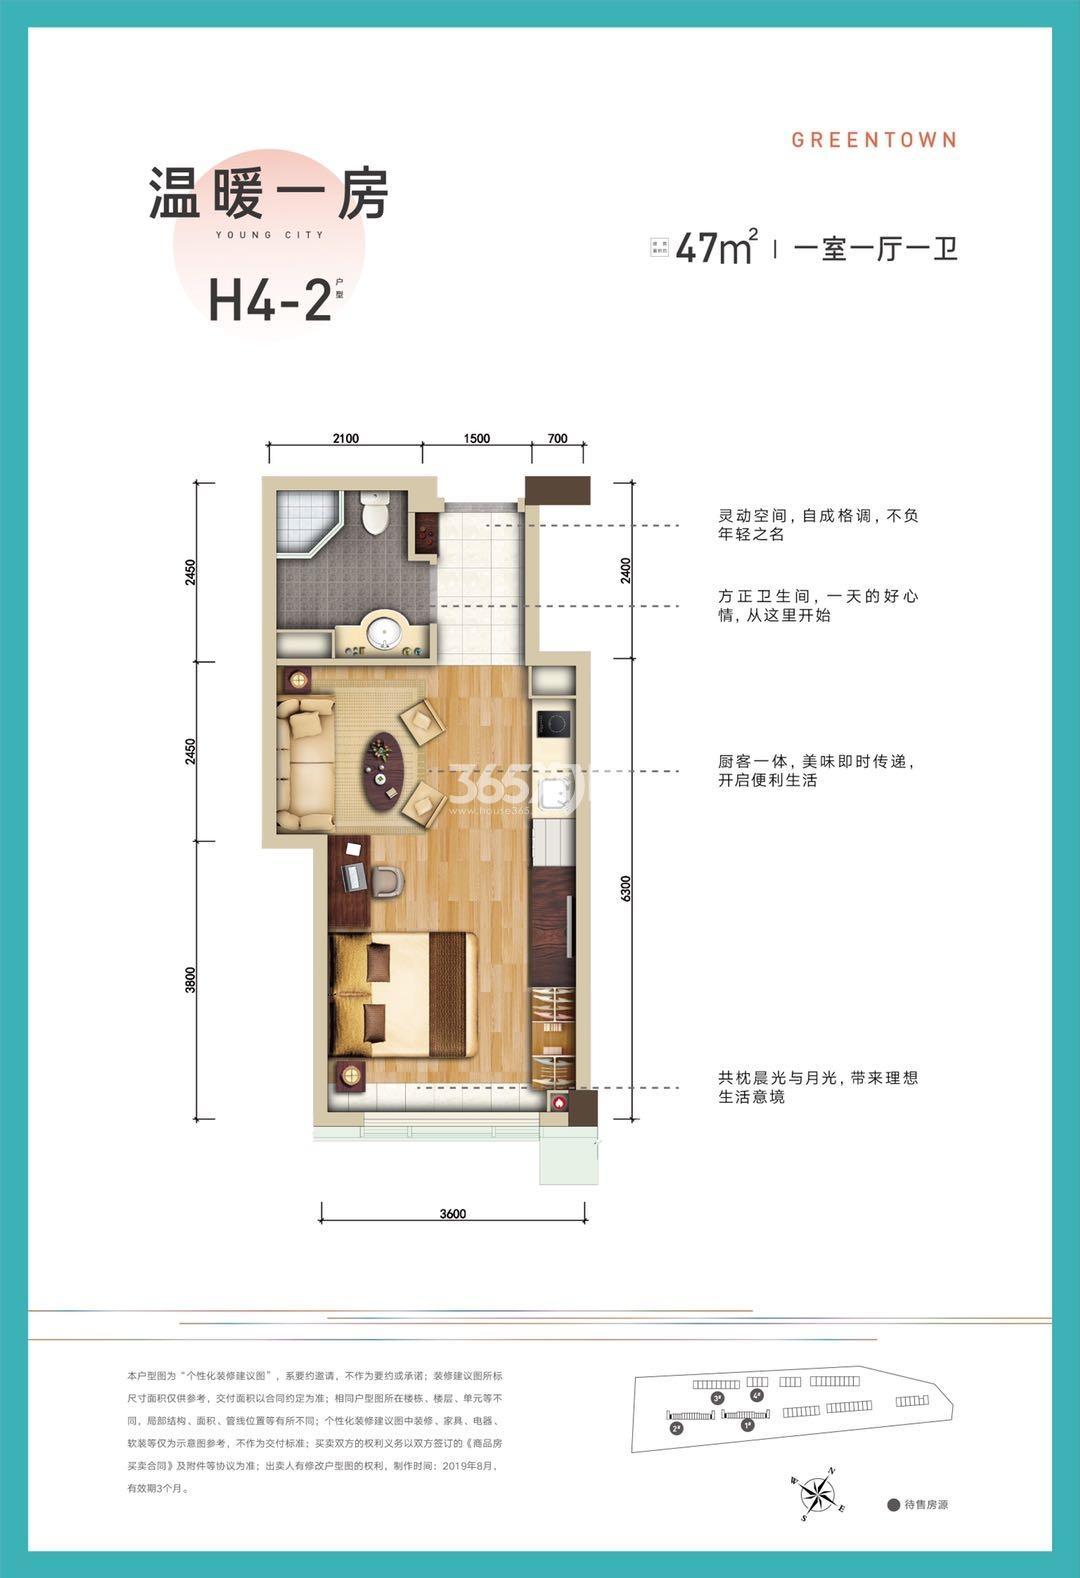 地铁绿城杨柳郡四期H4-2户型约47㎡(1#2#中间套)